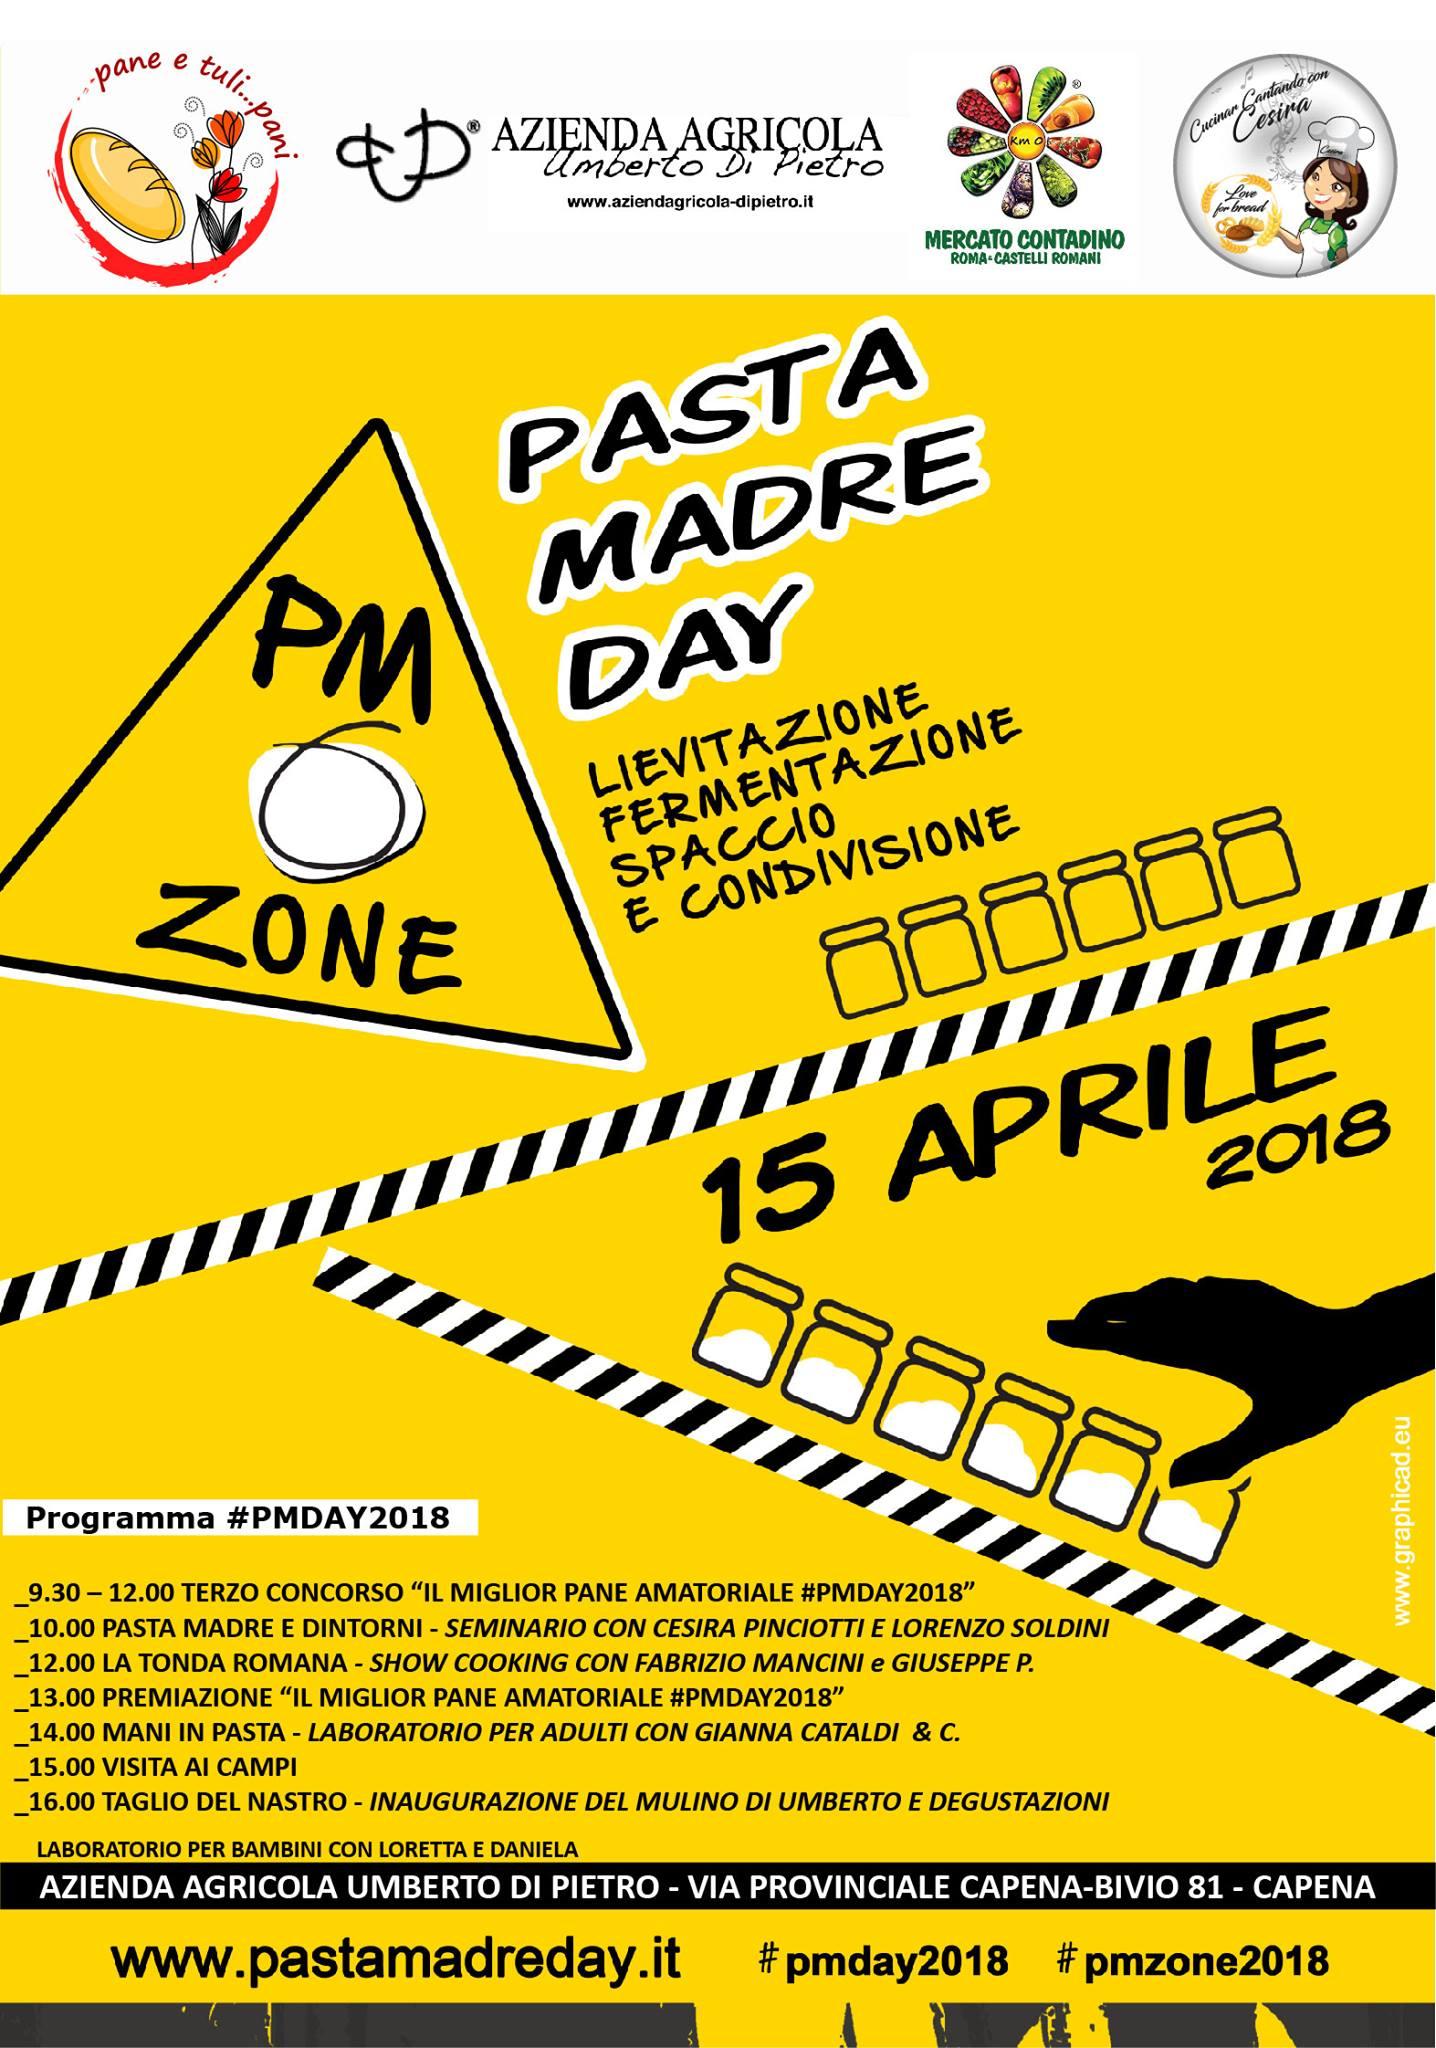 Pasta Madre Day Azienda Di Pietro Capena